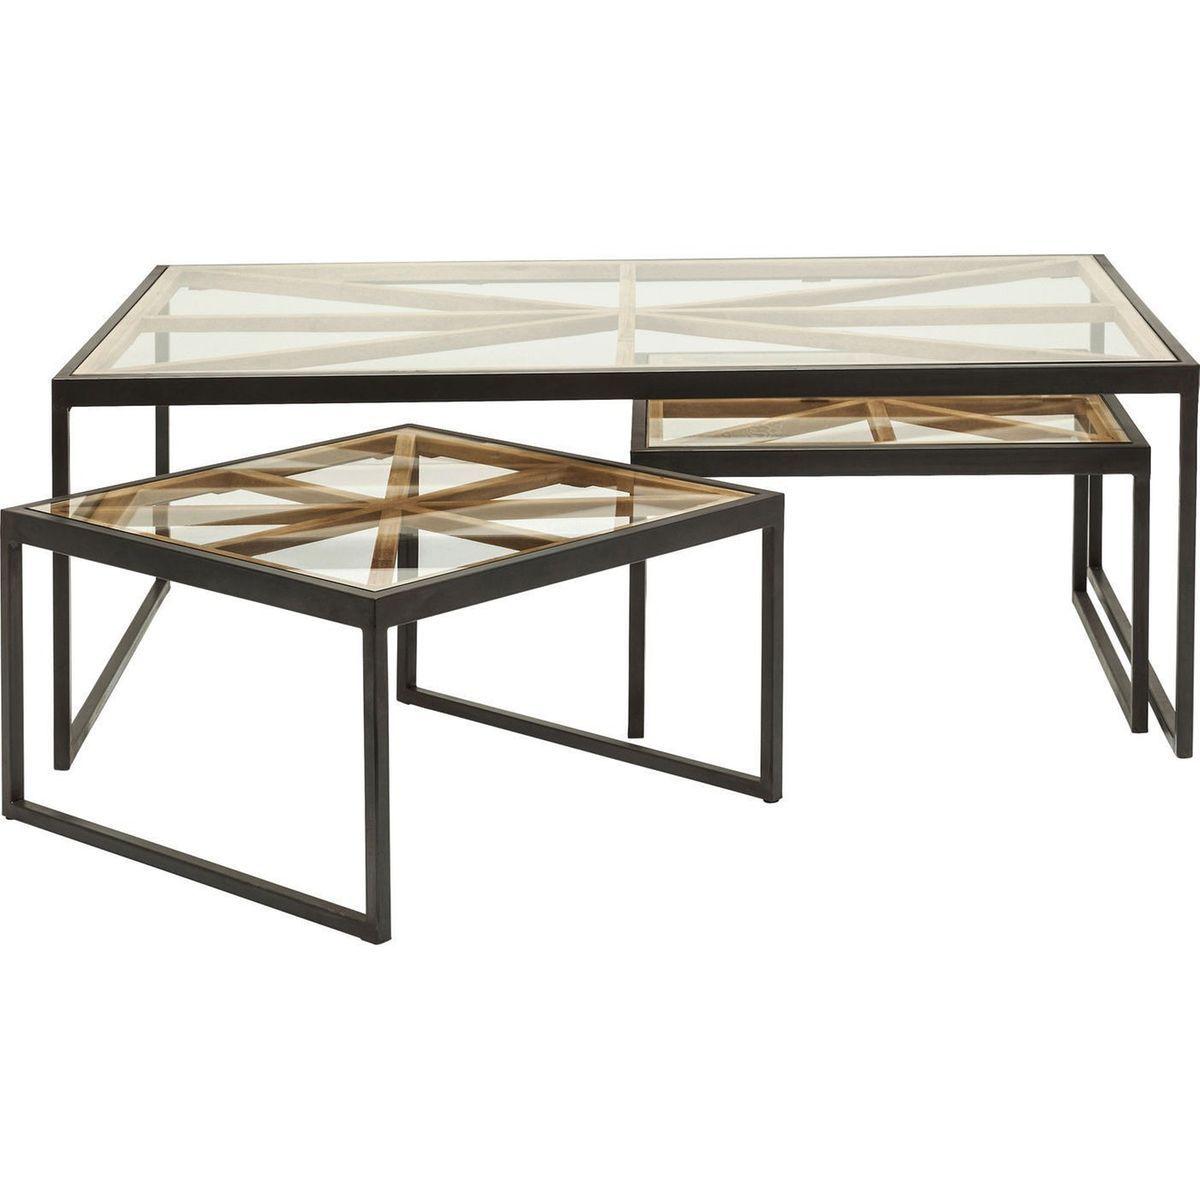 Tables Basses Beam Set De 3 Taille Taille Unique Table Beams Home Decor